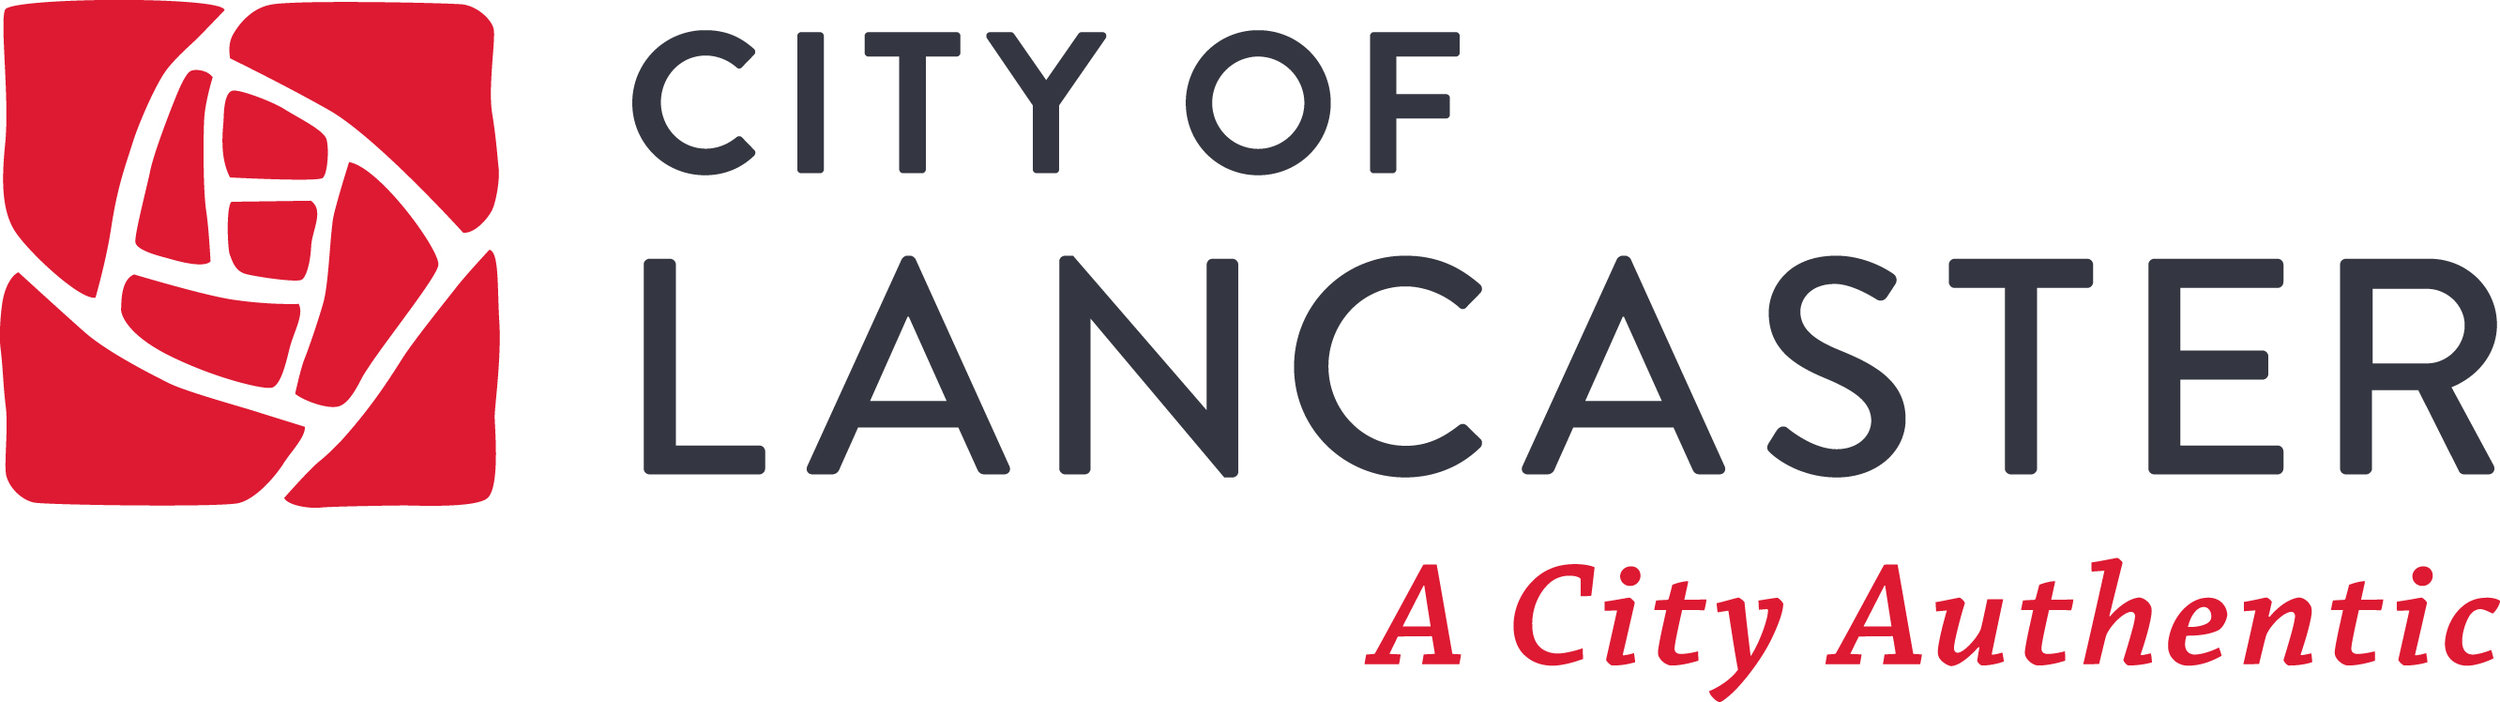 City_of_Lancaster_Logo.JPG